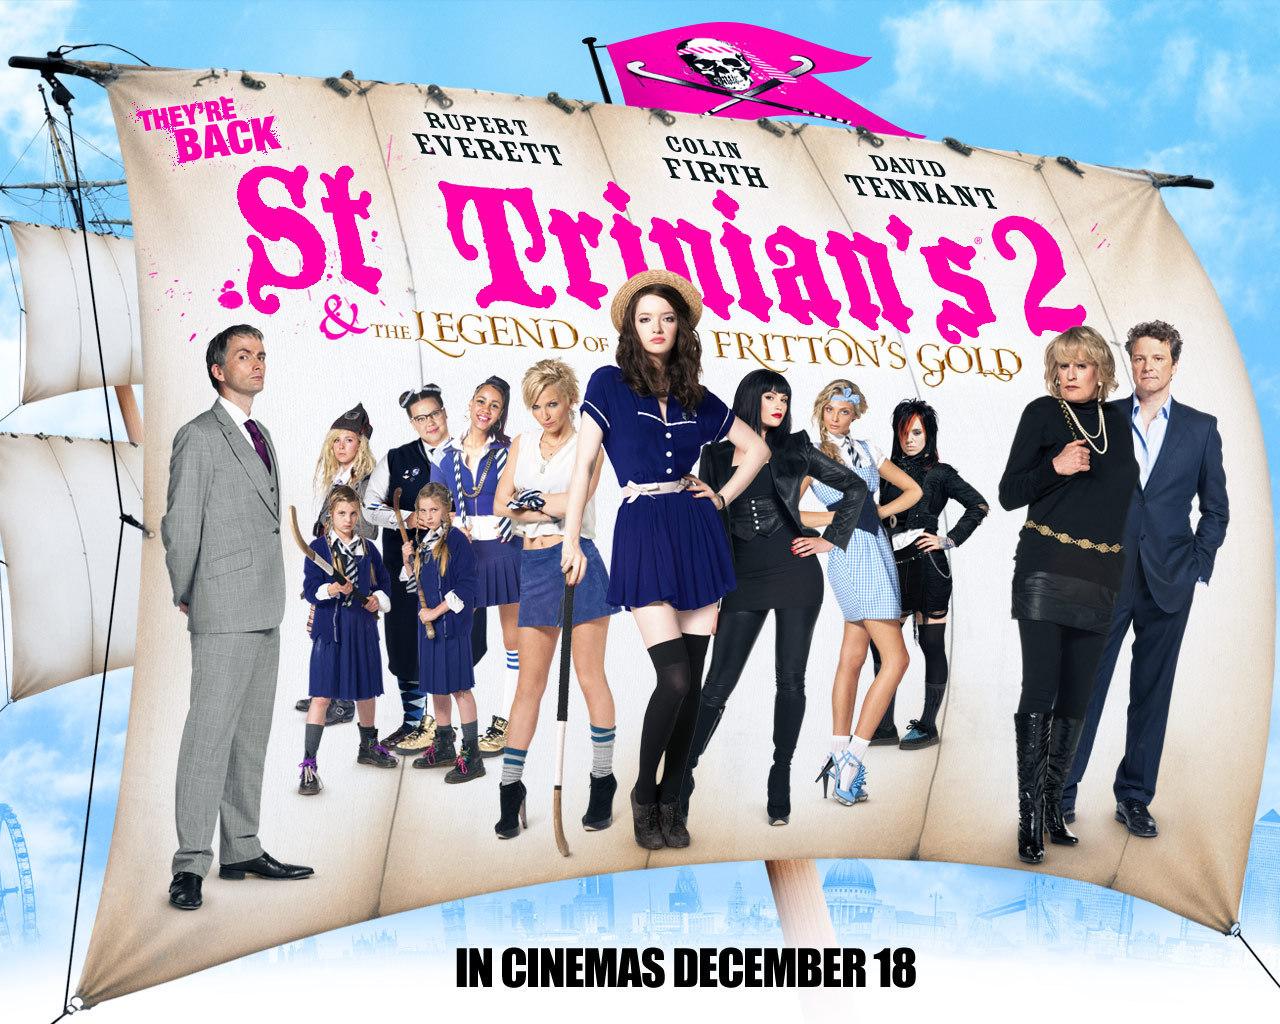 St Trinian's 2: The Le...